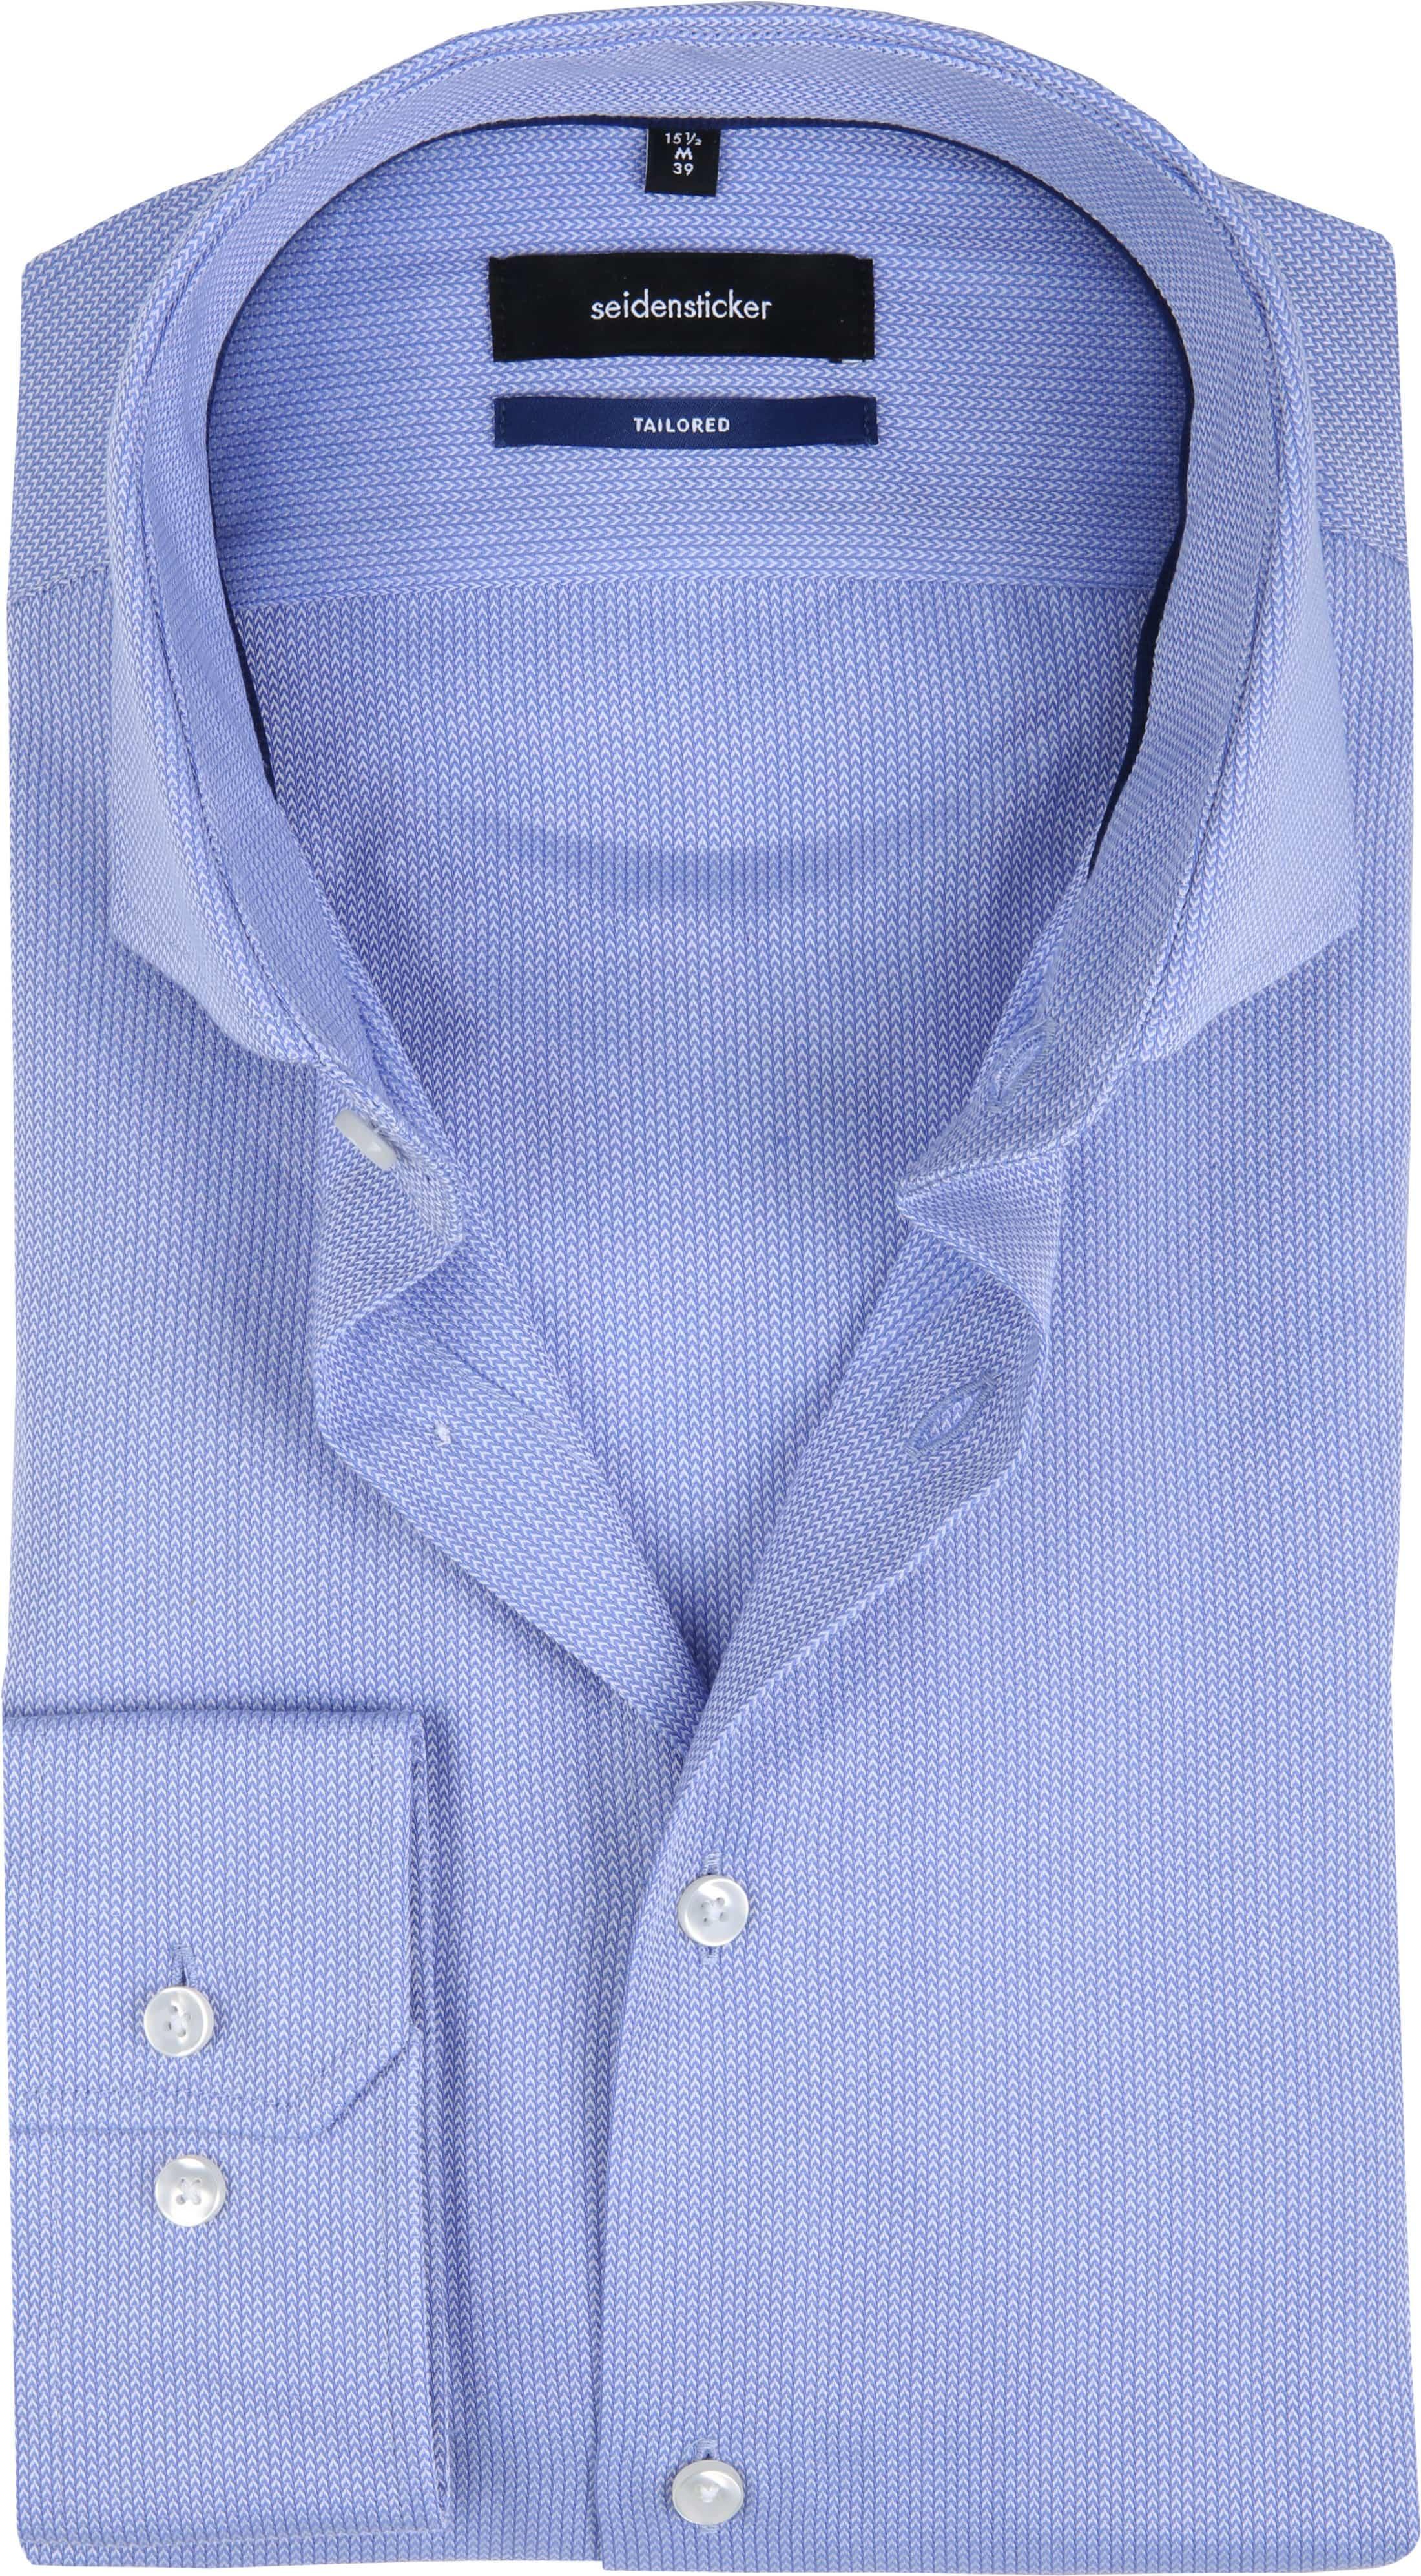 Seidensticker Overhemd TF Herring Blue foto 0